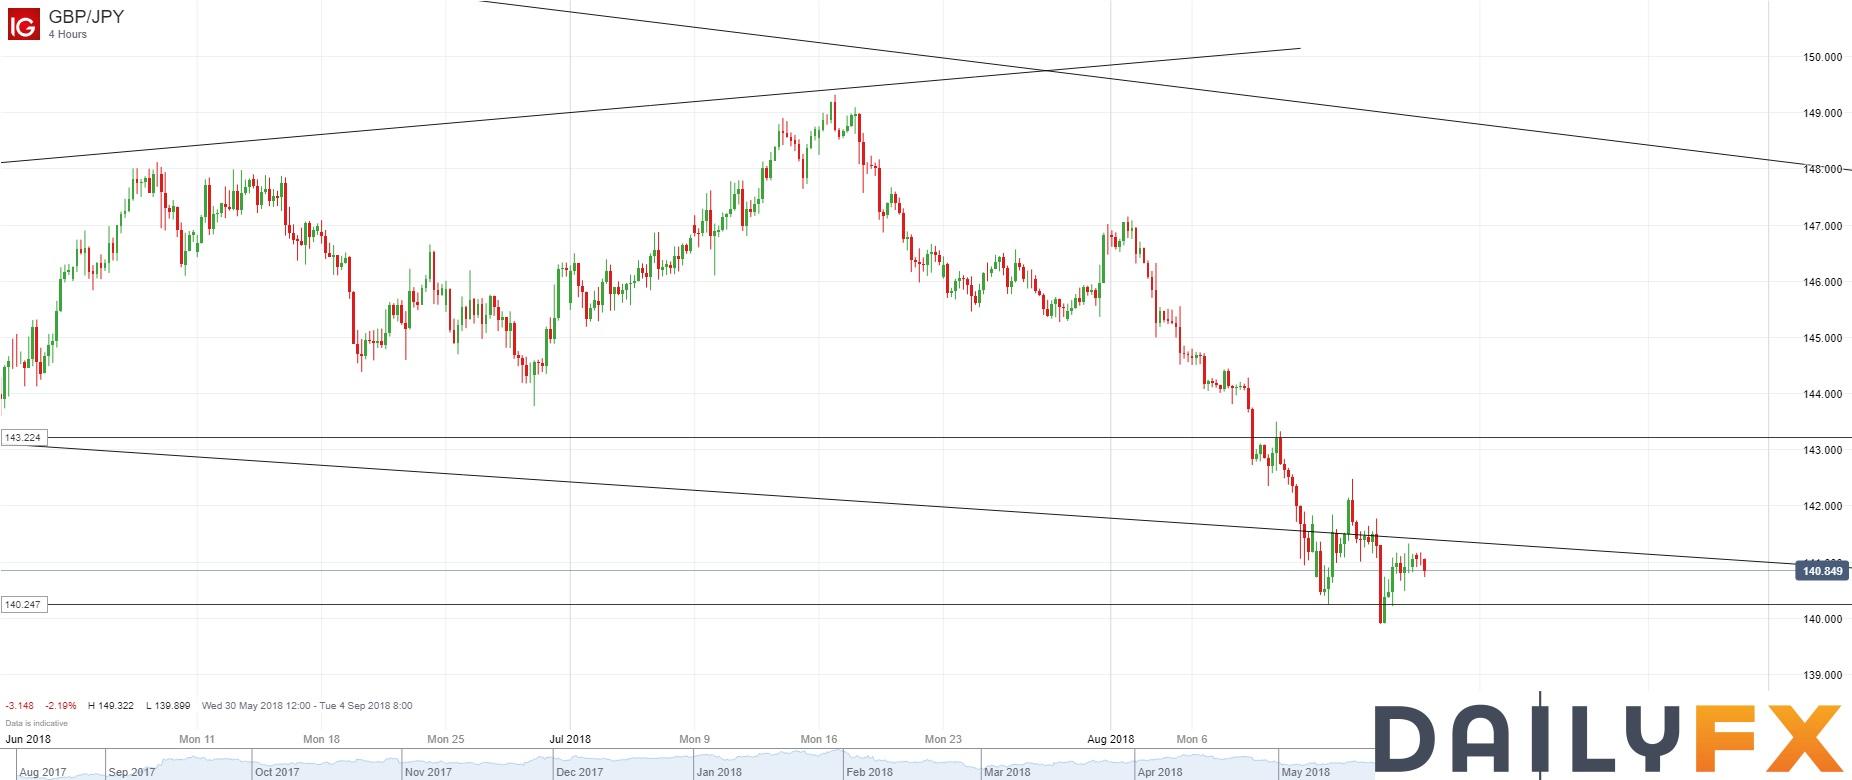 英镑/日元技术分析:4小时图仍维持在8月1日以来的压力线下方